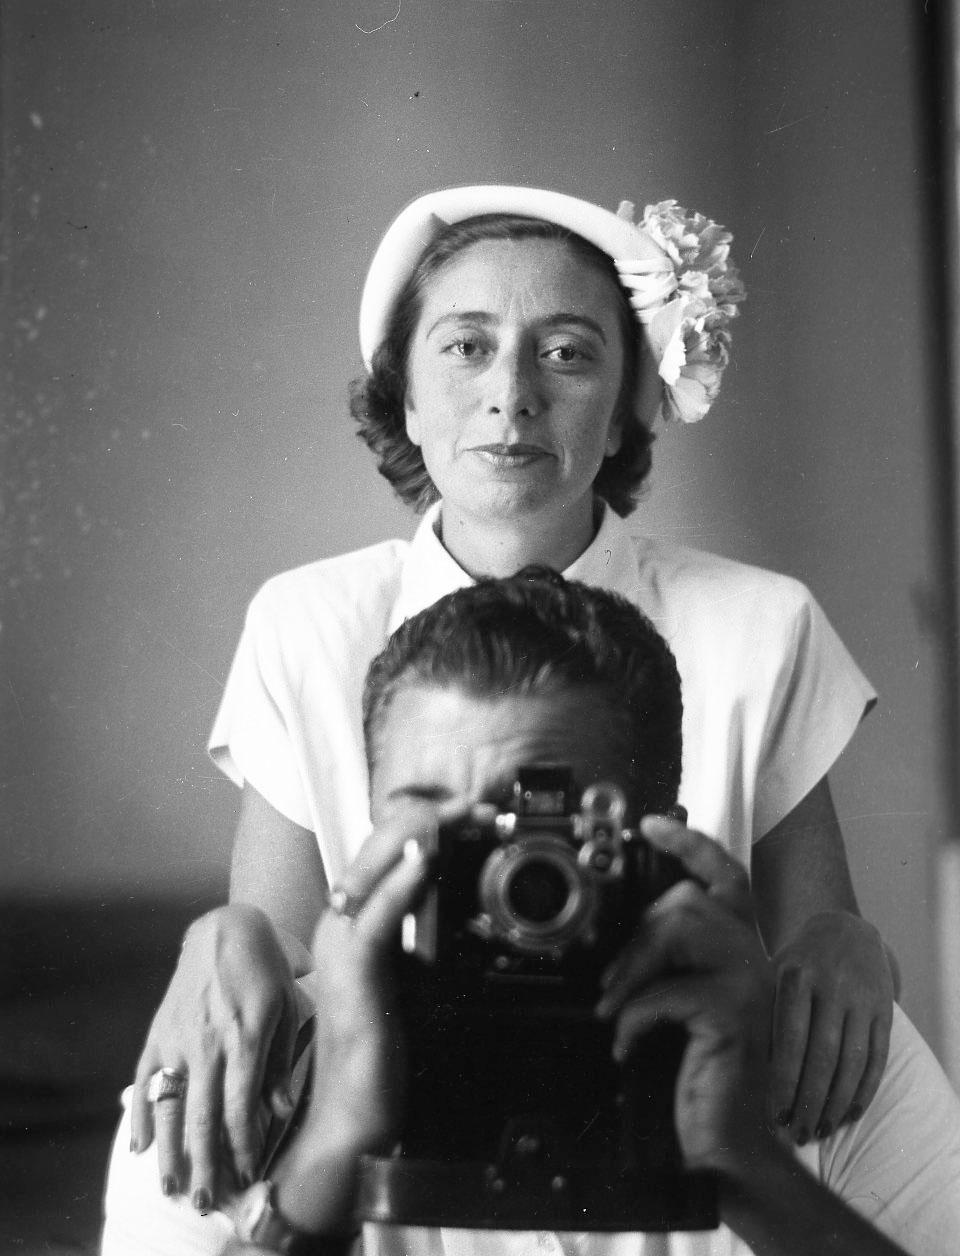 La storia per immagini dal 1920 al 1992 della vita  di Gianni Termorshuizen.